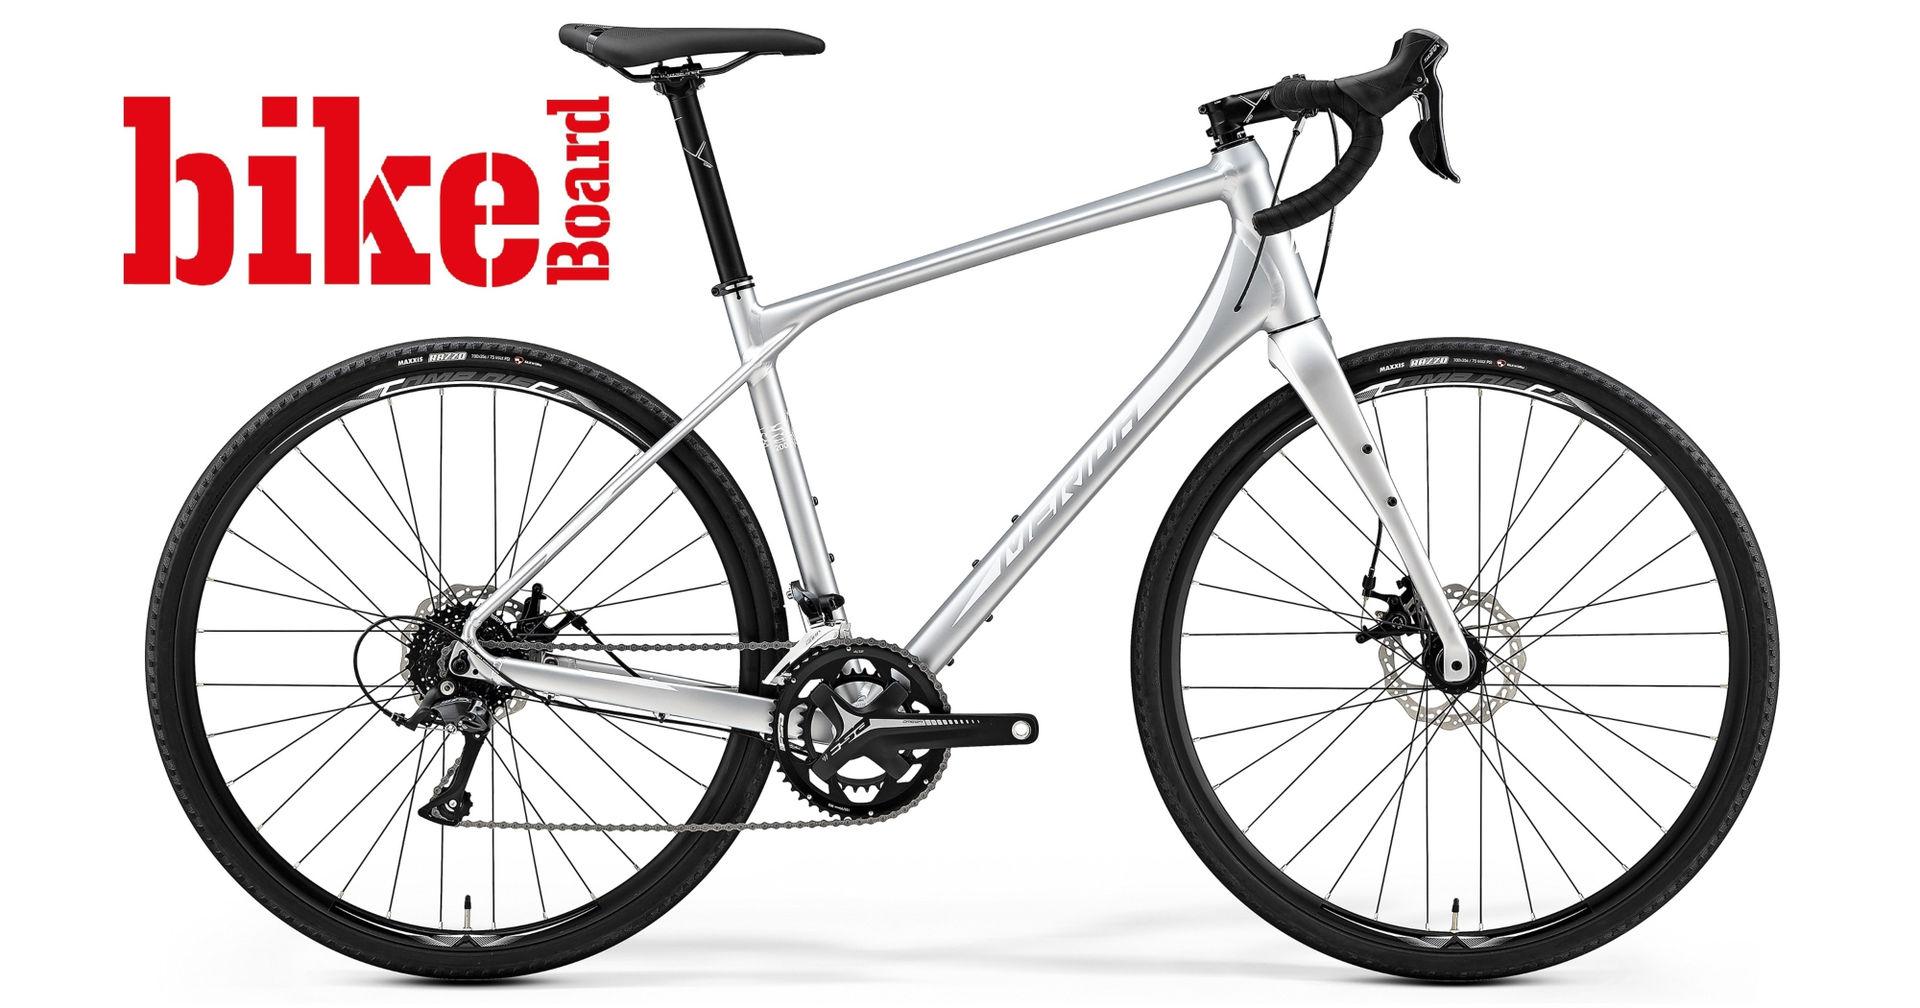 Merida Silex, rowery Merida, rower gravelowy Merida, rower gravel, gravel bike, Silex 200